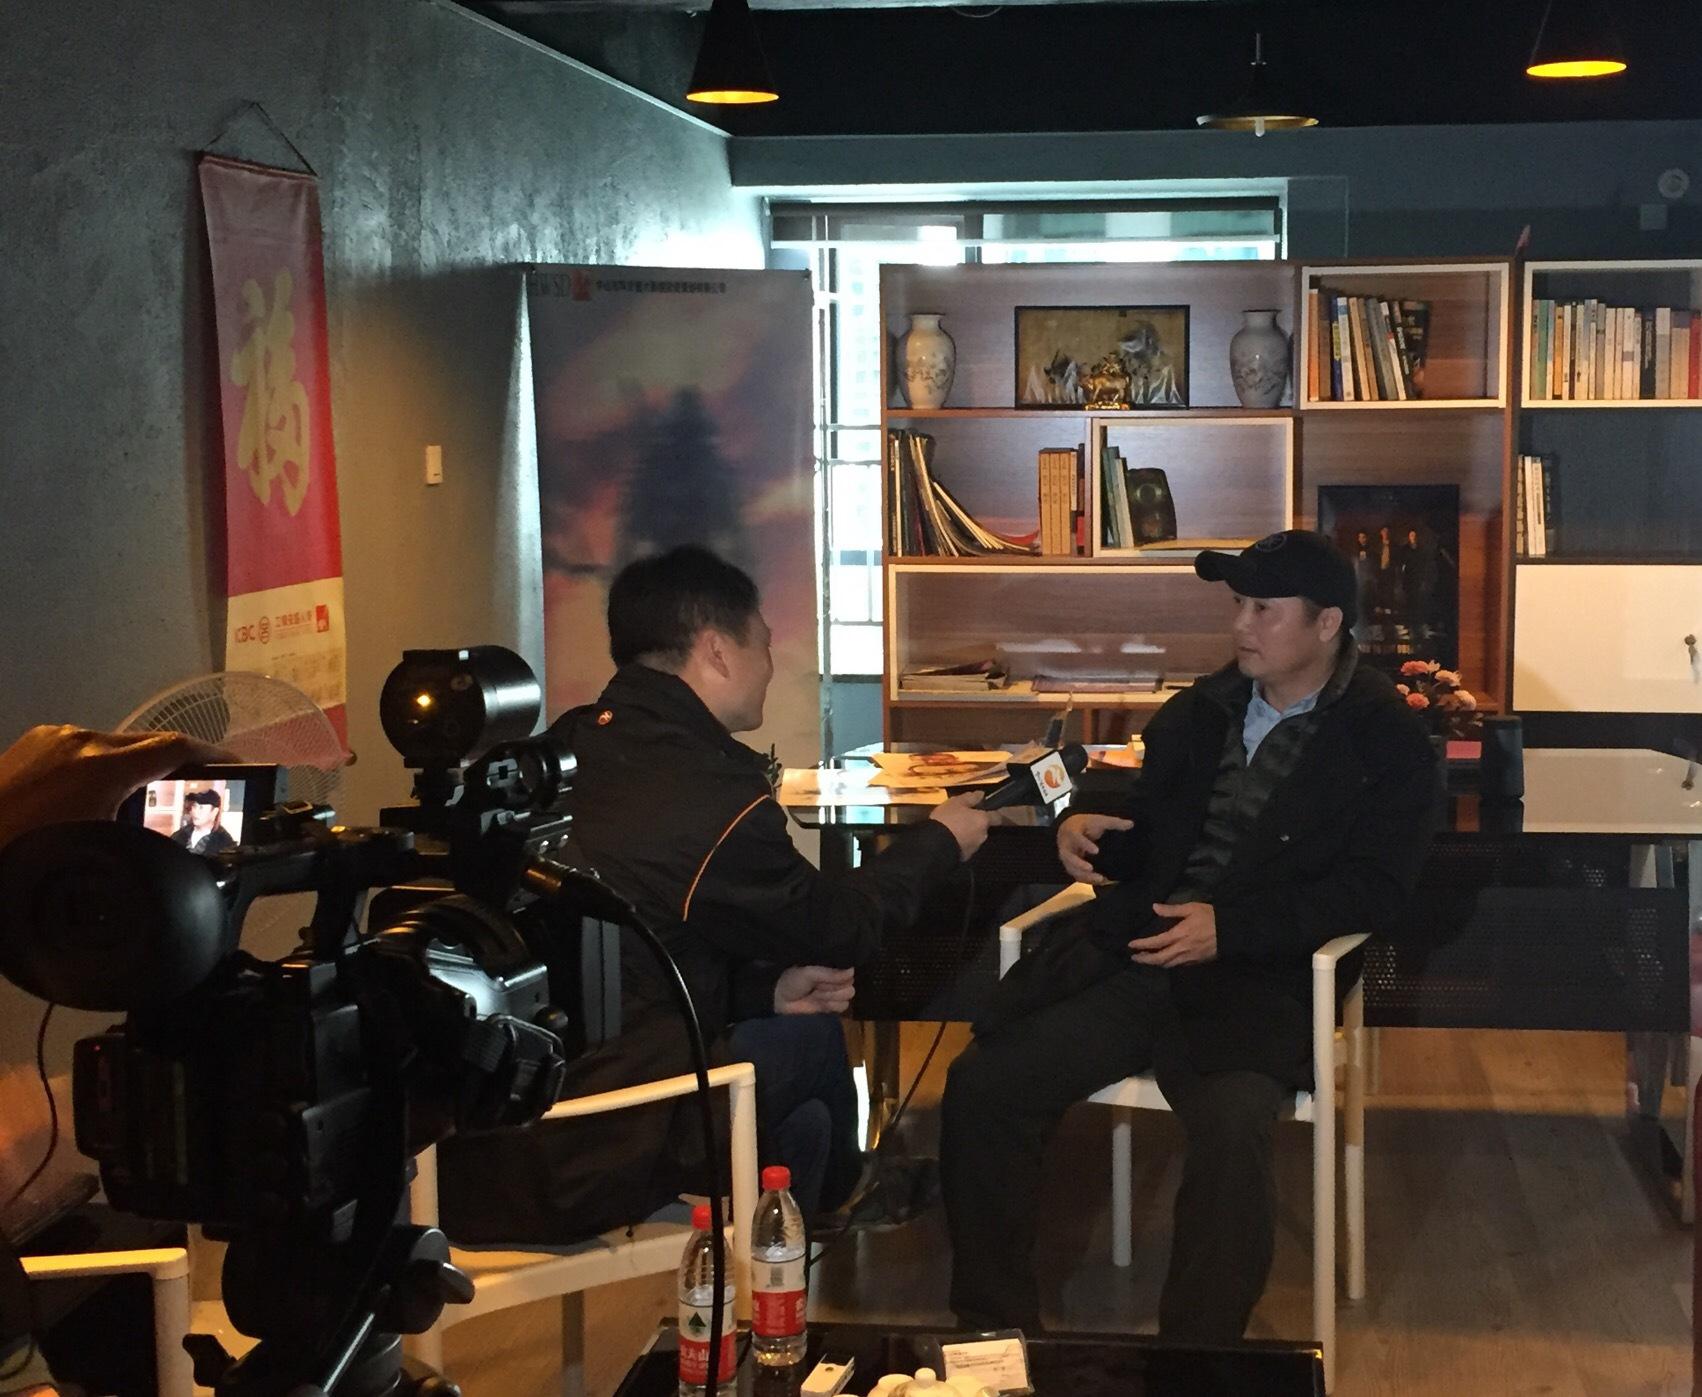 《理想之路》闯进国际电影节 很多镜头取景中山